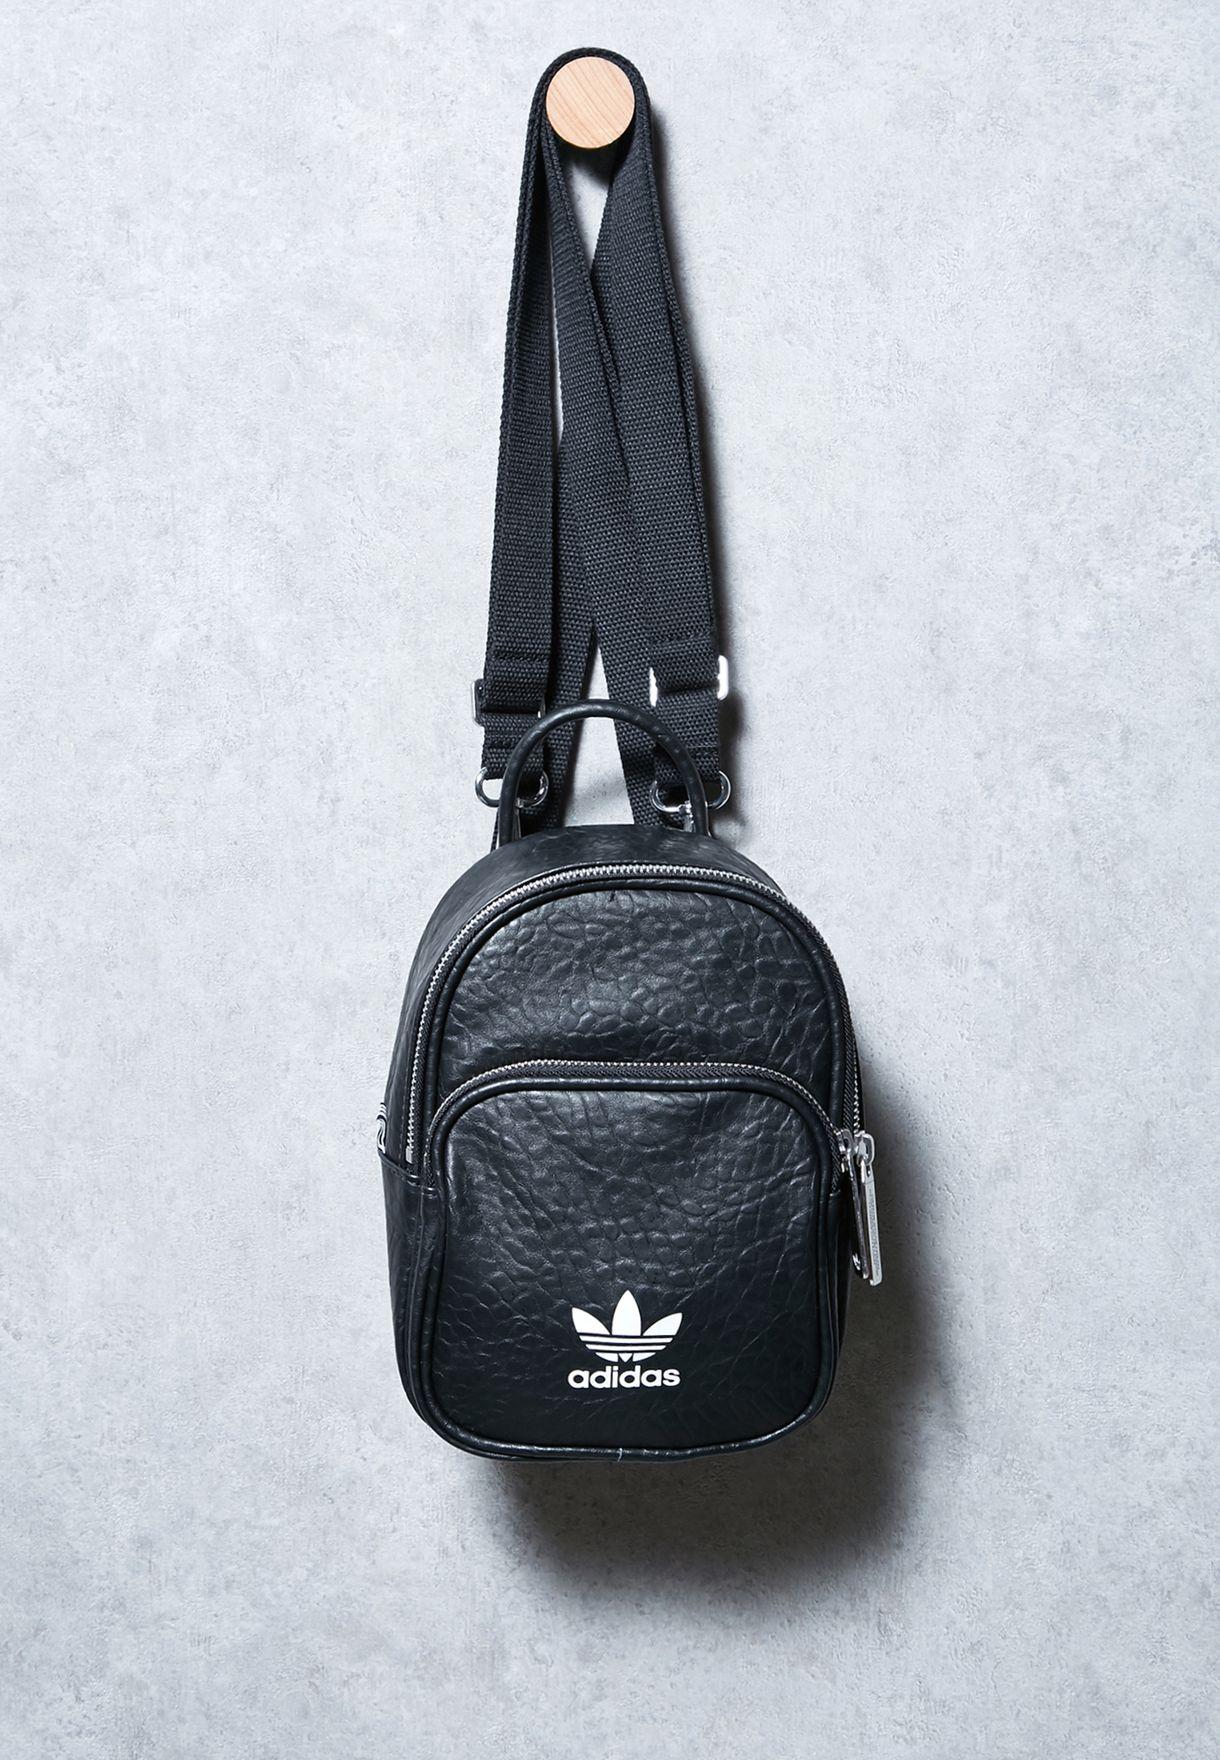 6d28b16ab13 Vintage Mini Backpack